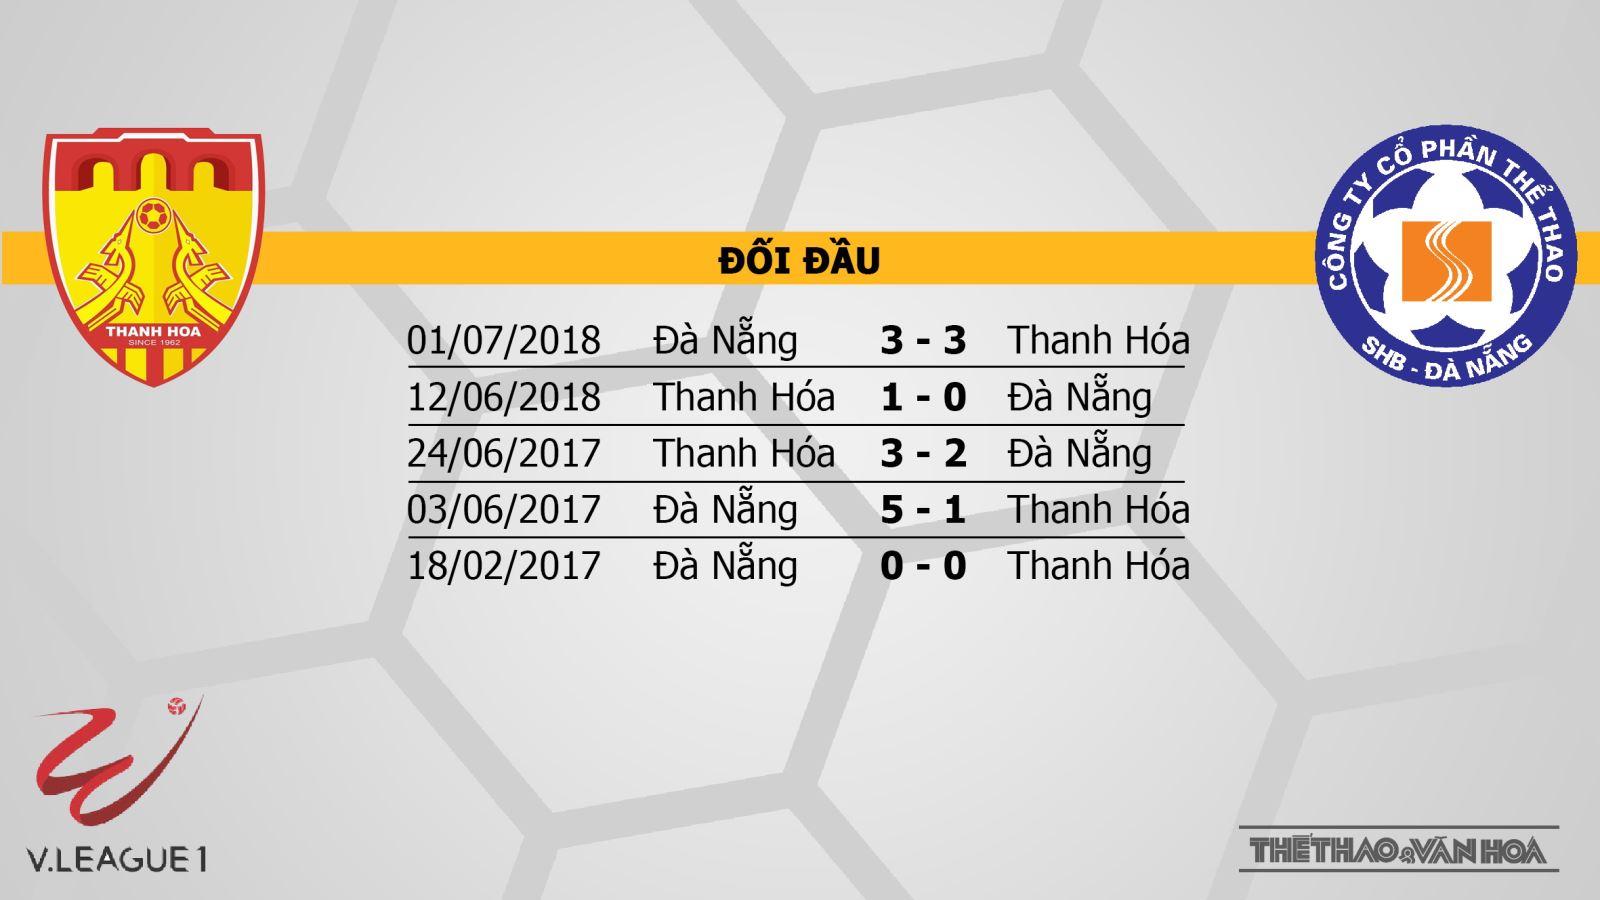 Thanh Hóa vs SHB Đà Nẵng, soi kèo Thanh Hóa vs SHB Đà Nẵng, trực tiếp Thanh Hóa vs SHB Đà Nẵng, nhận định Thanh Hóa vs SHB Đà Nẵng